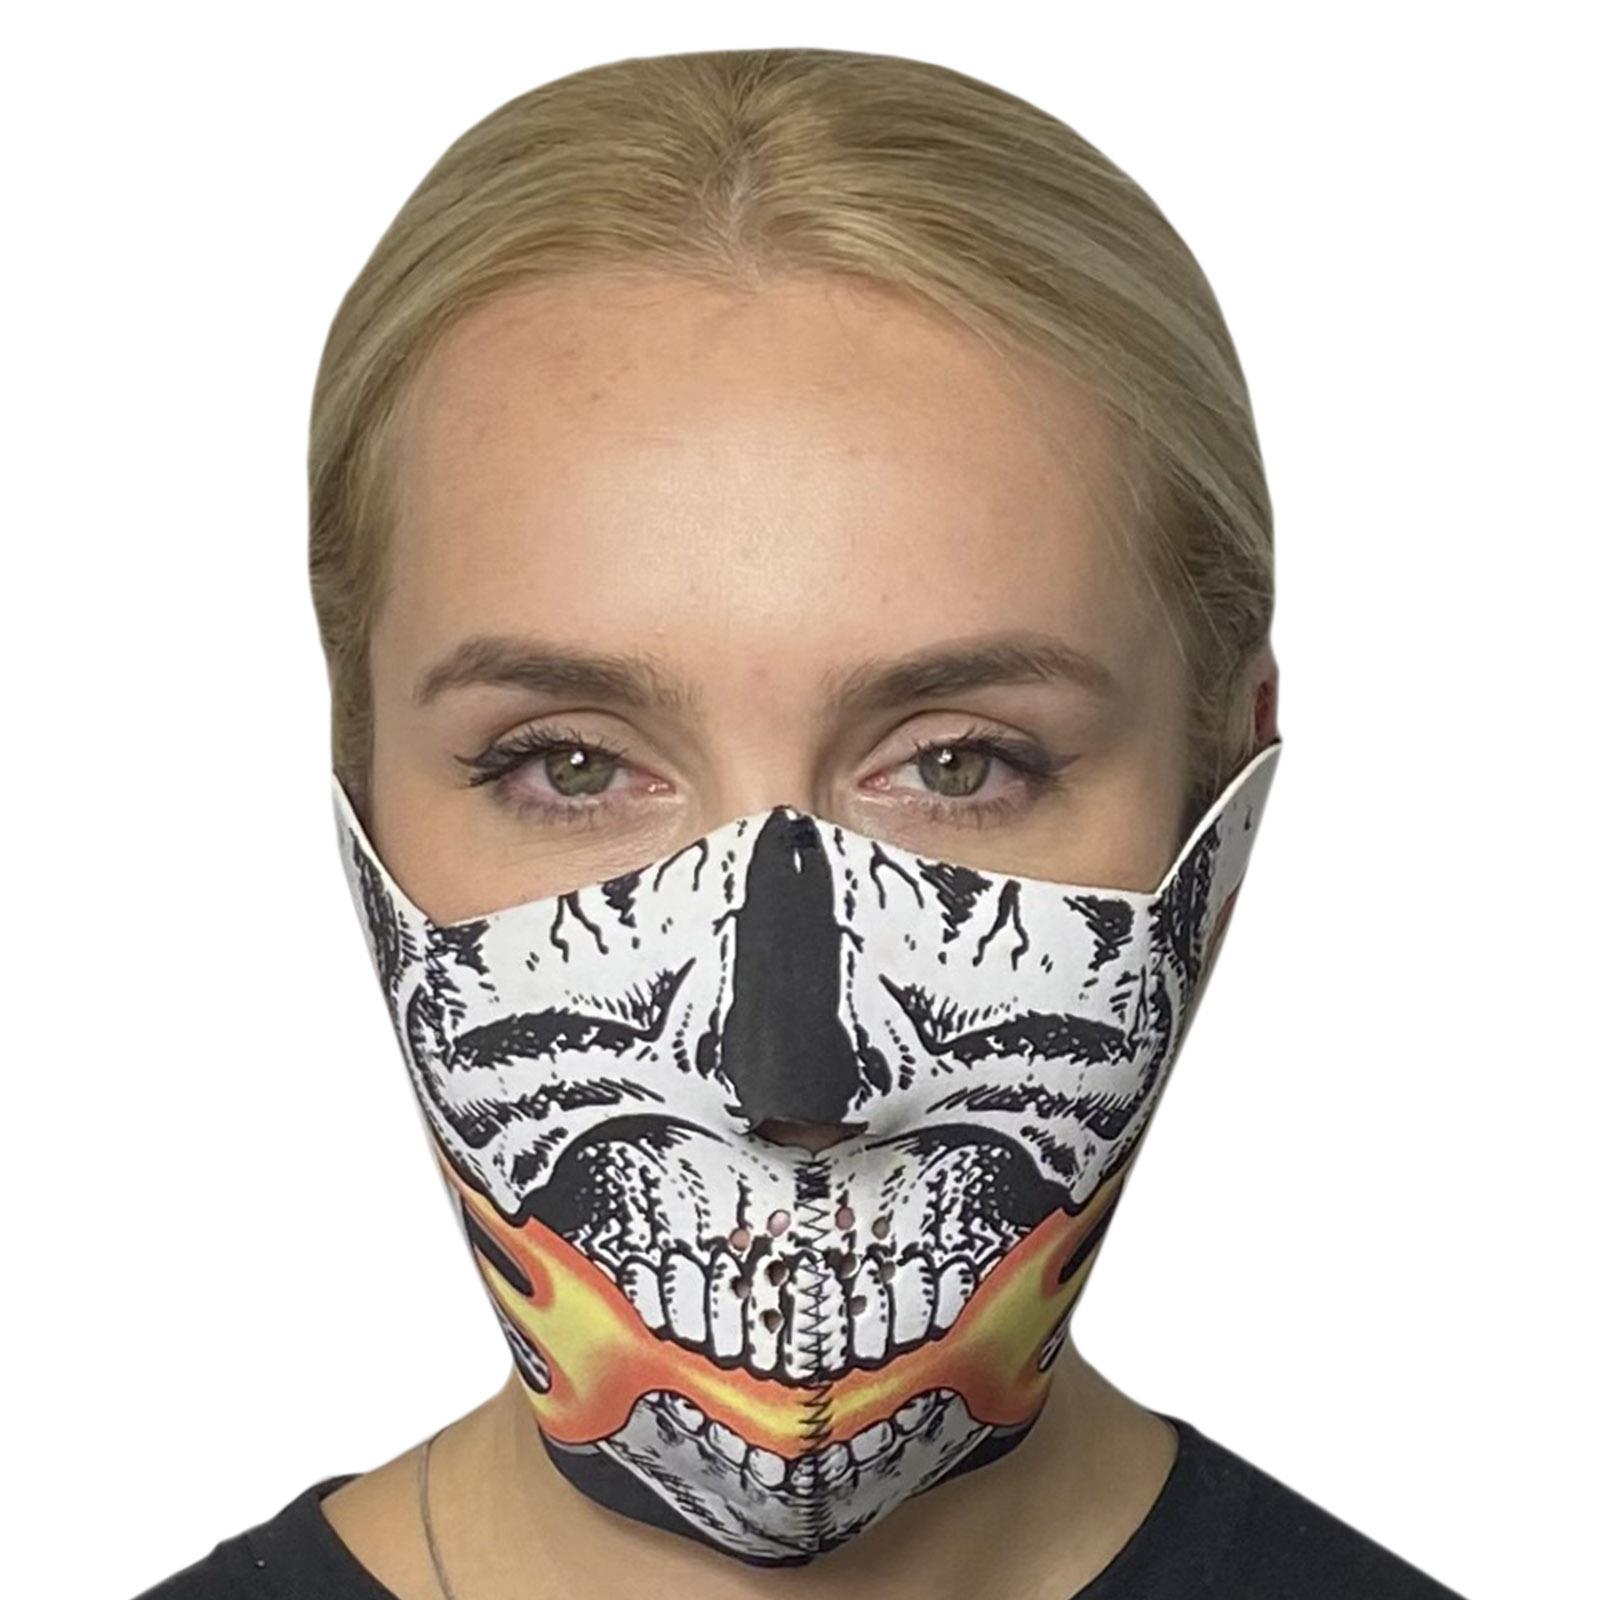 Молодежная медицинская маска с хоррор-принтом Skulskinz Smasher